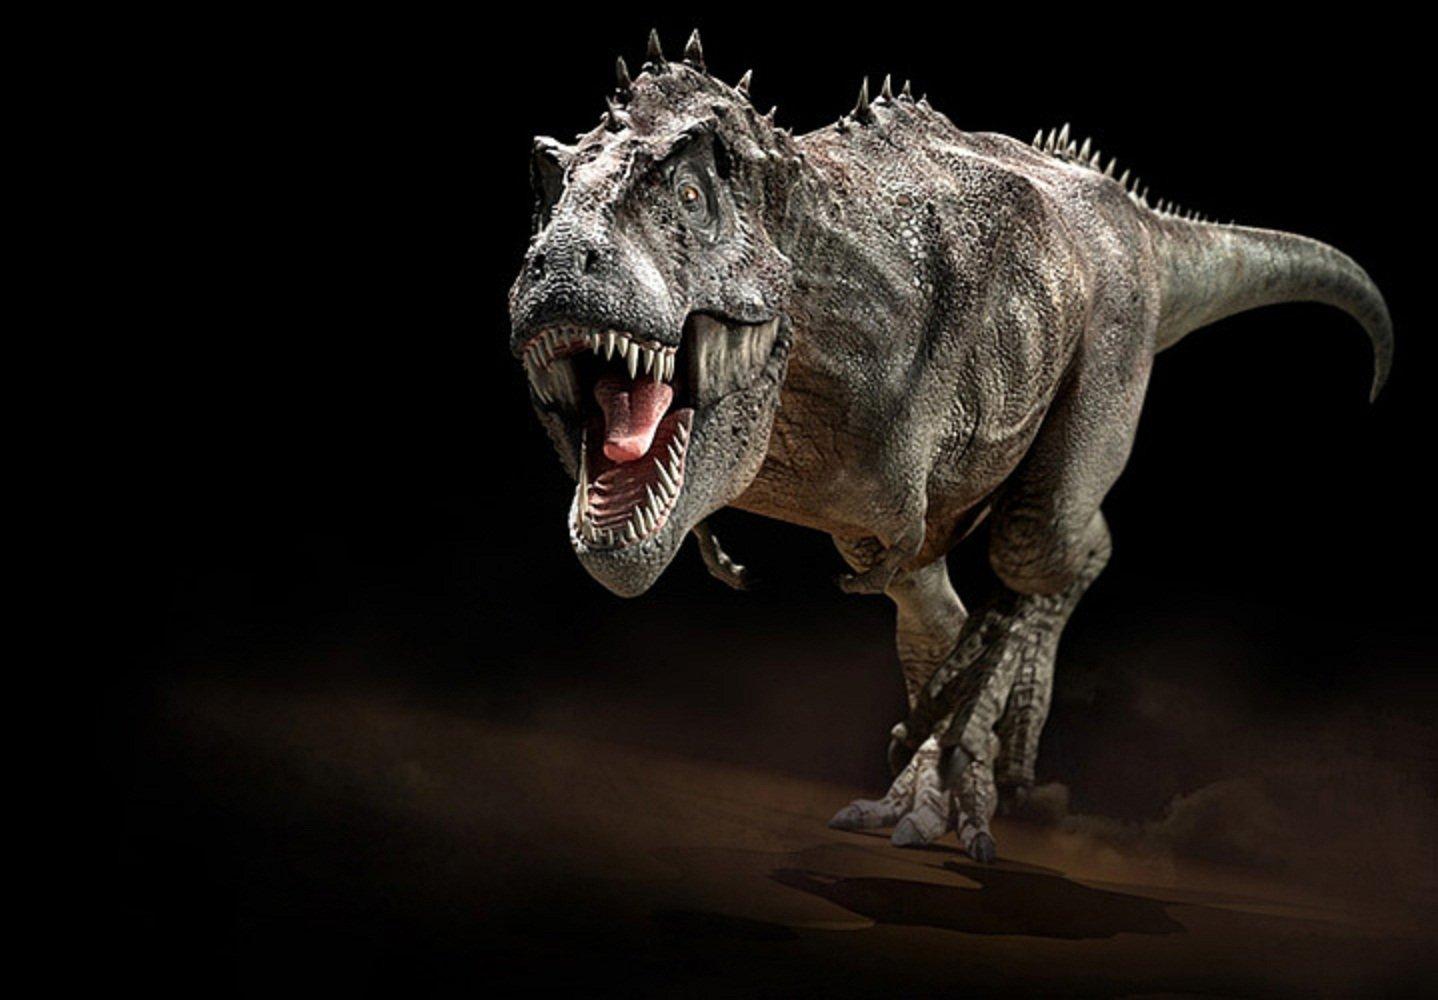 Descubrieron los restos de un dinosaurio carnívoro con dientes de tiburón y cola de lagarto: era el terror de los tiranosaurios